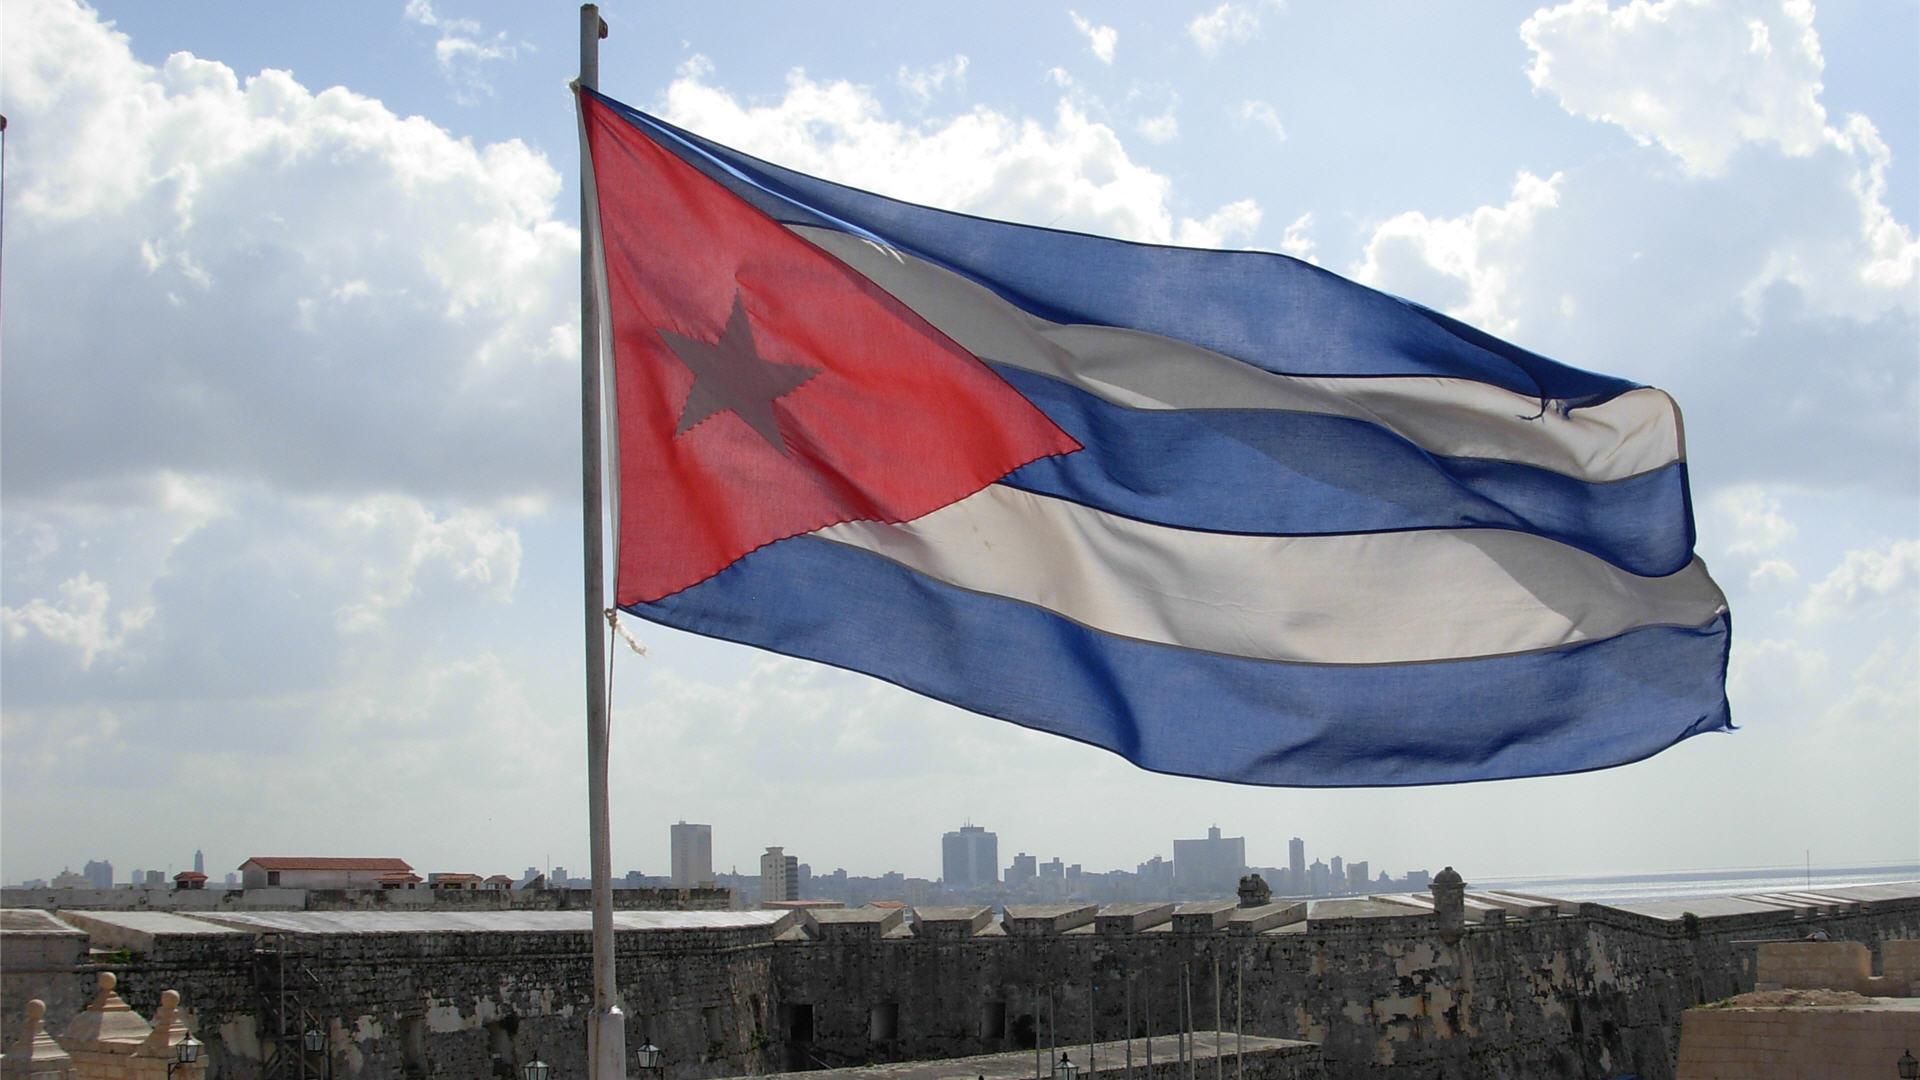 Cuban Flag Download Wallpaper HD 1920x1080 6335 1920x1080